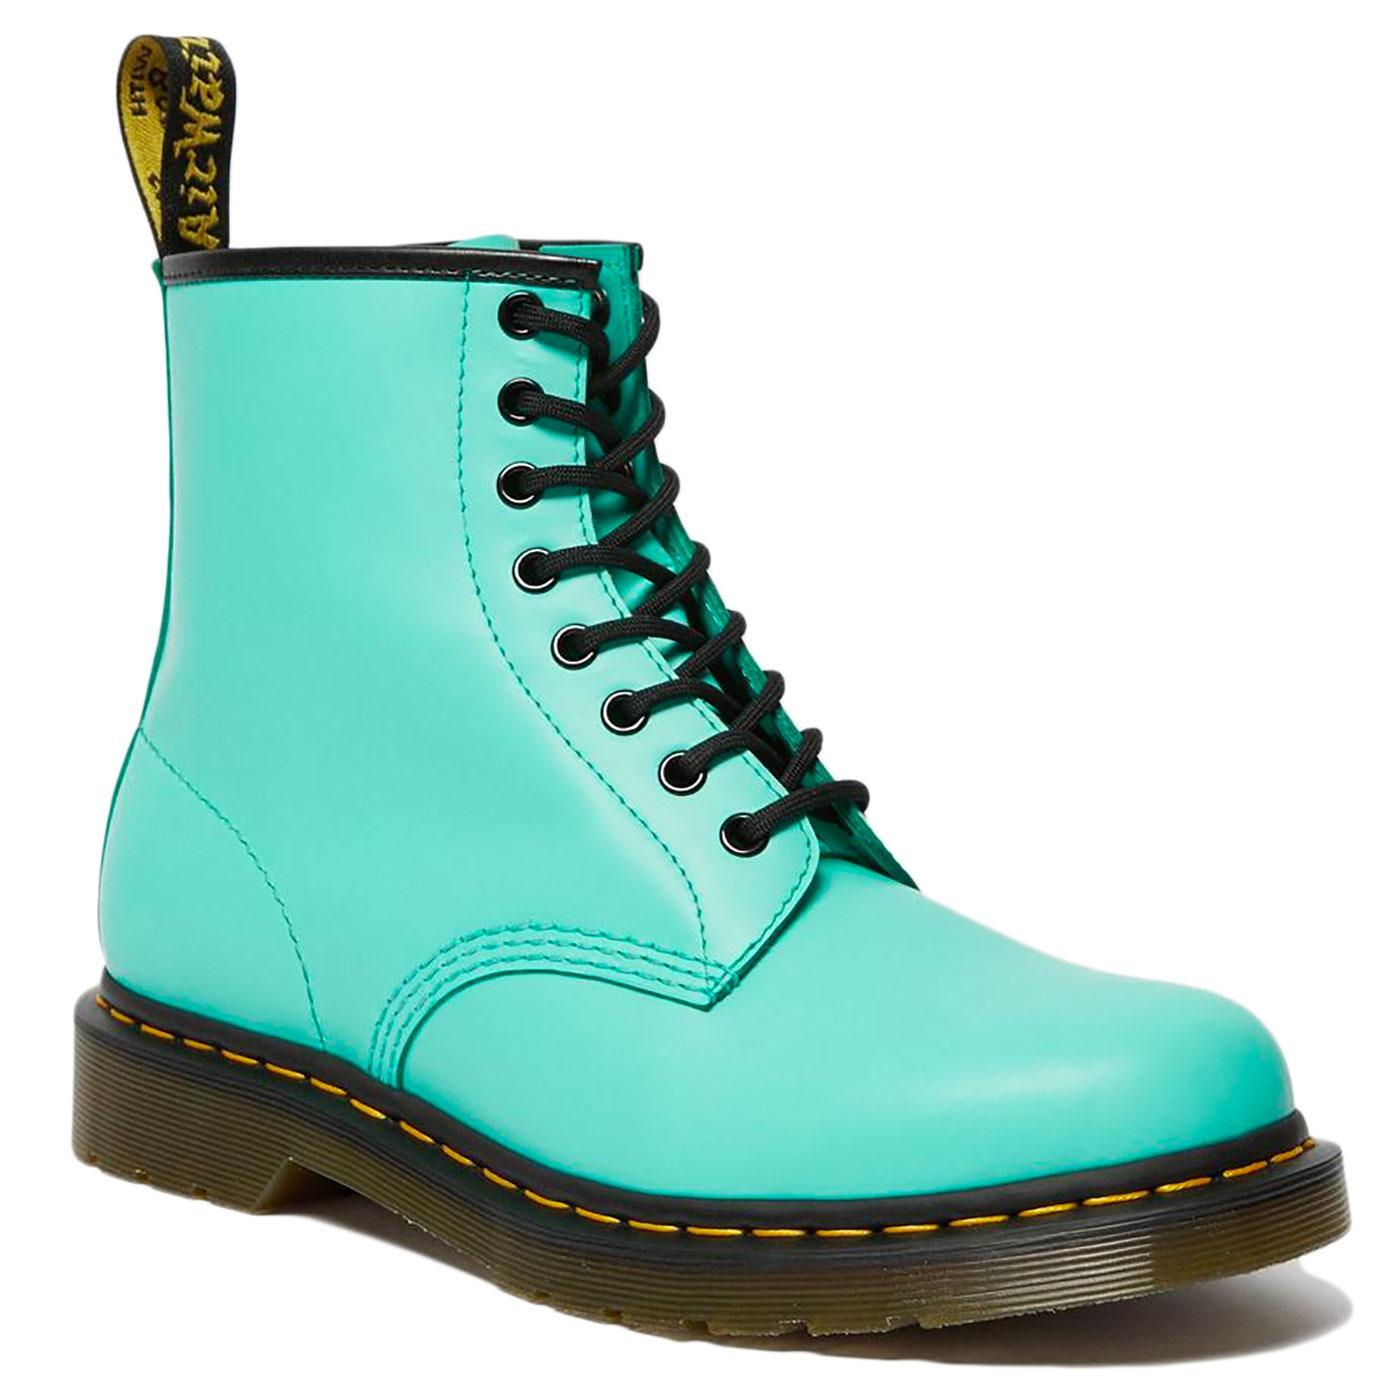 1460 DR MARTENS Women's Peppermint Green Boots